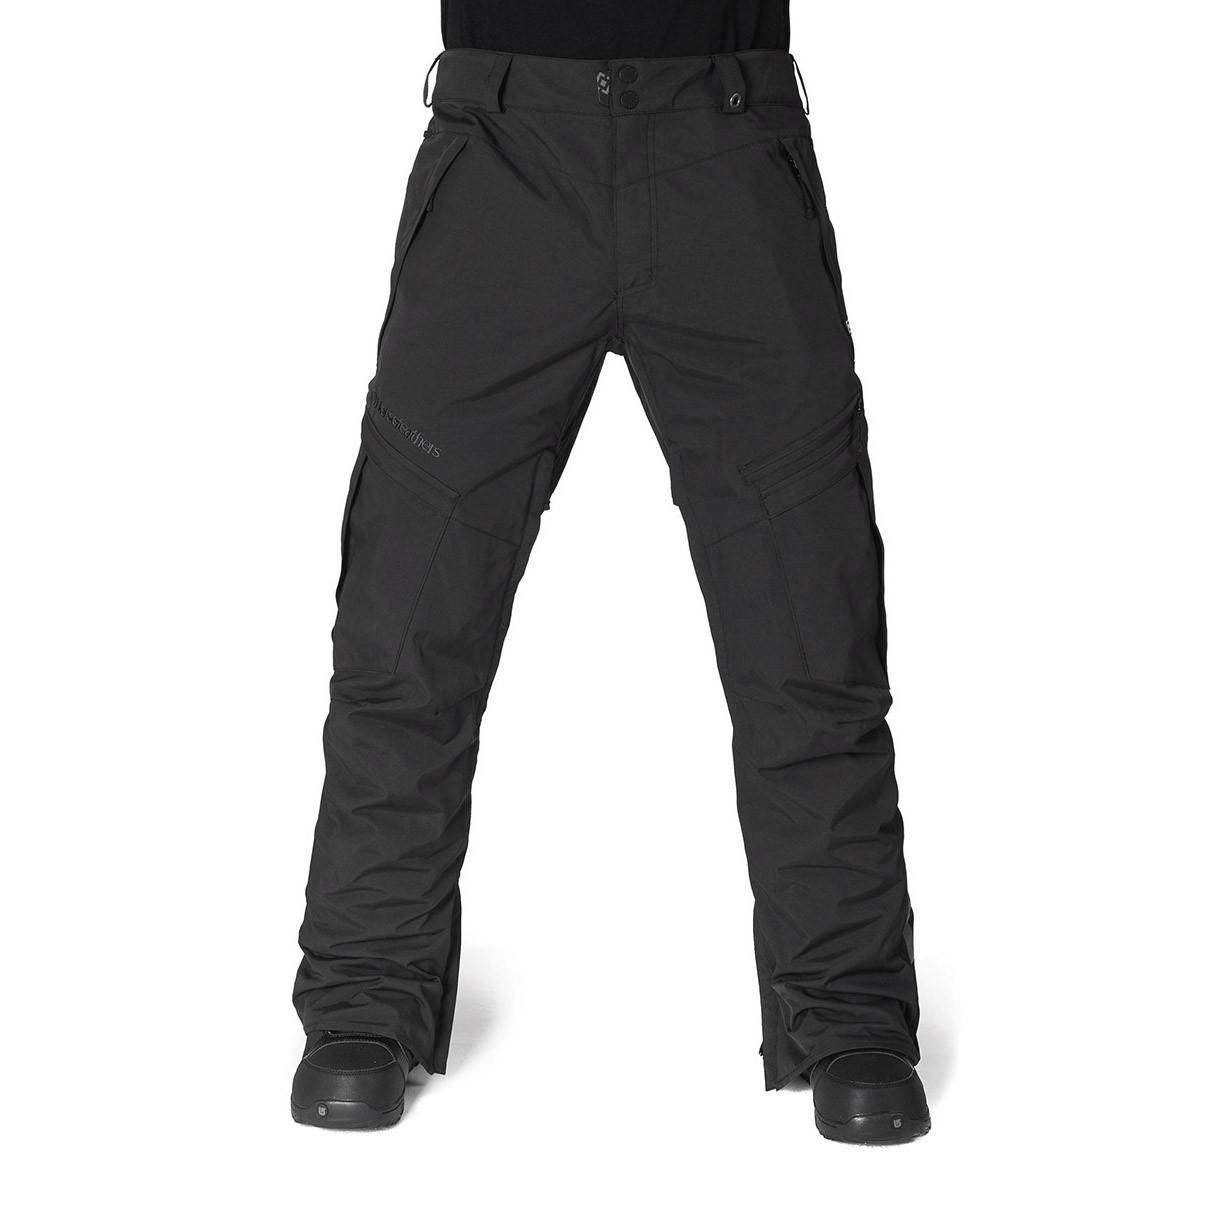 Kalhoty Horsefeathers Motive black